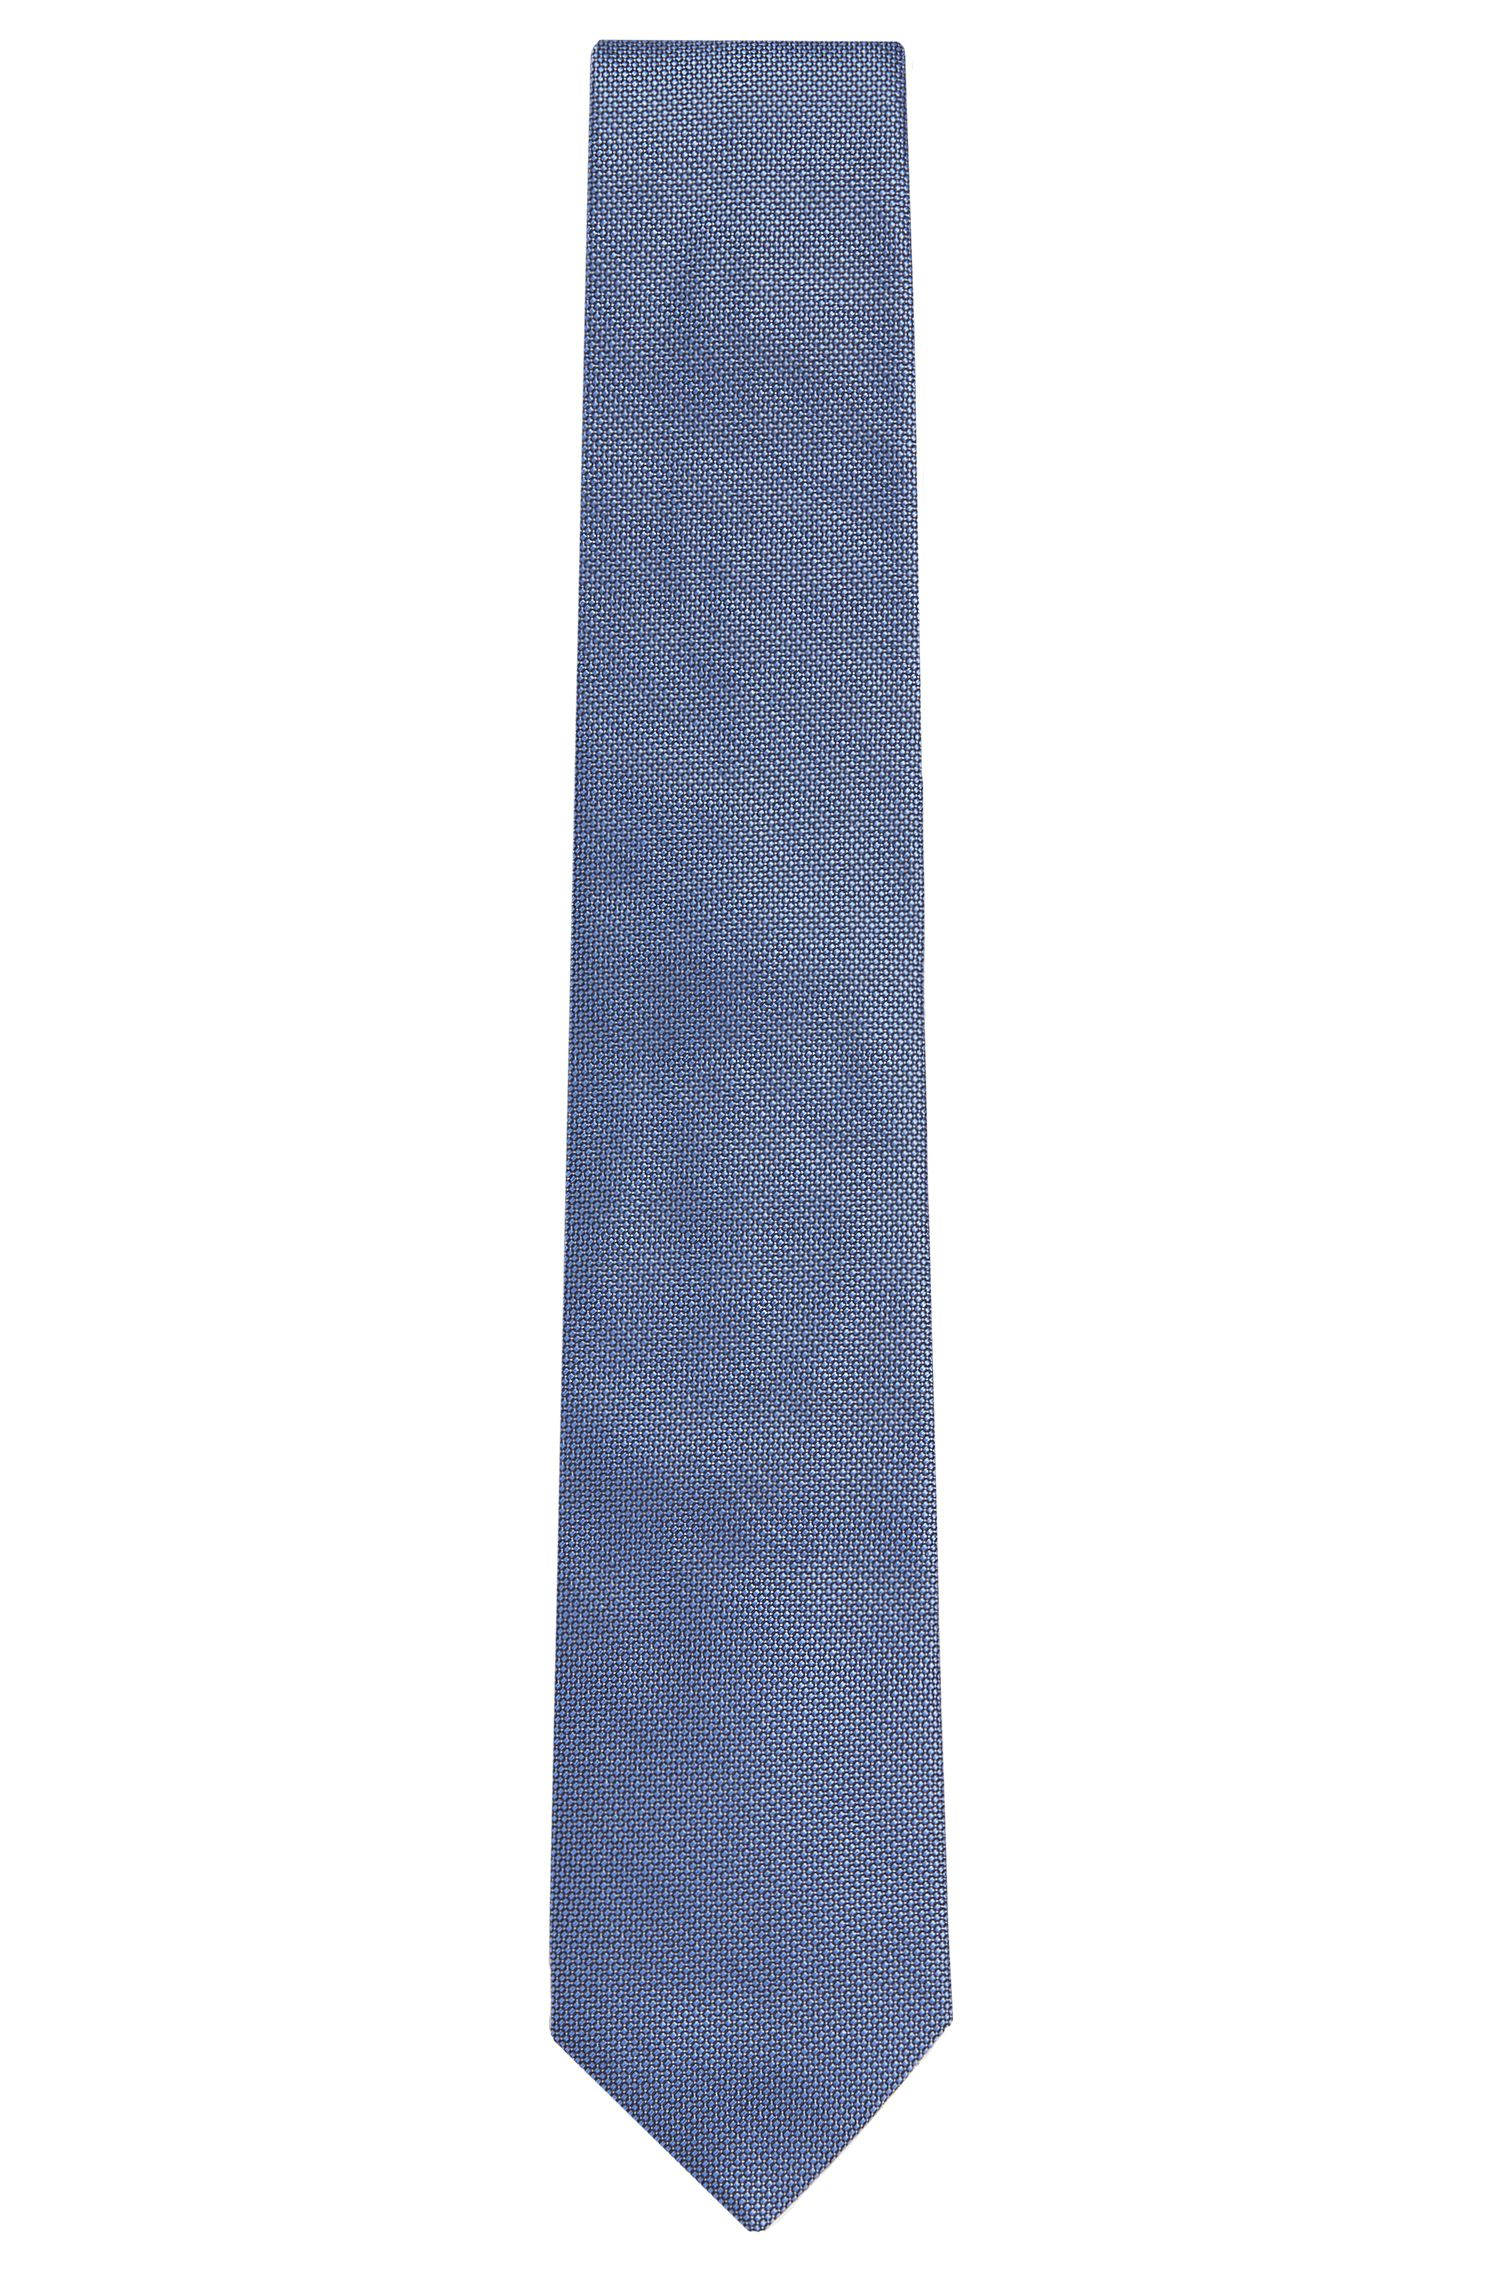 Fein gemusterte Krawatte aus Seide: 'Tie 7,5 cm'